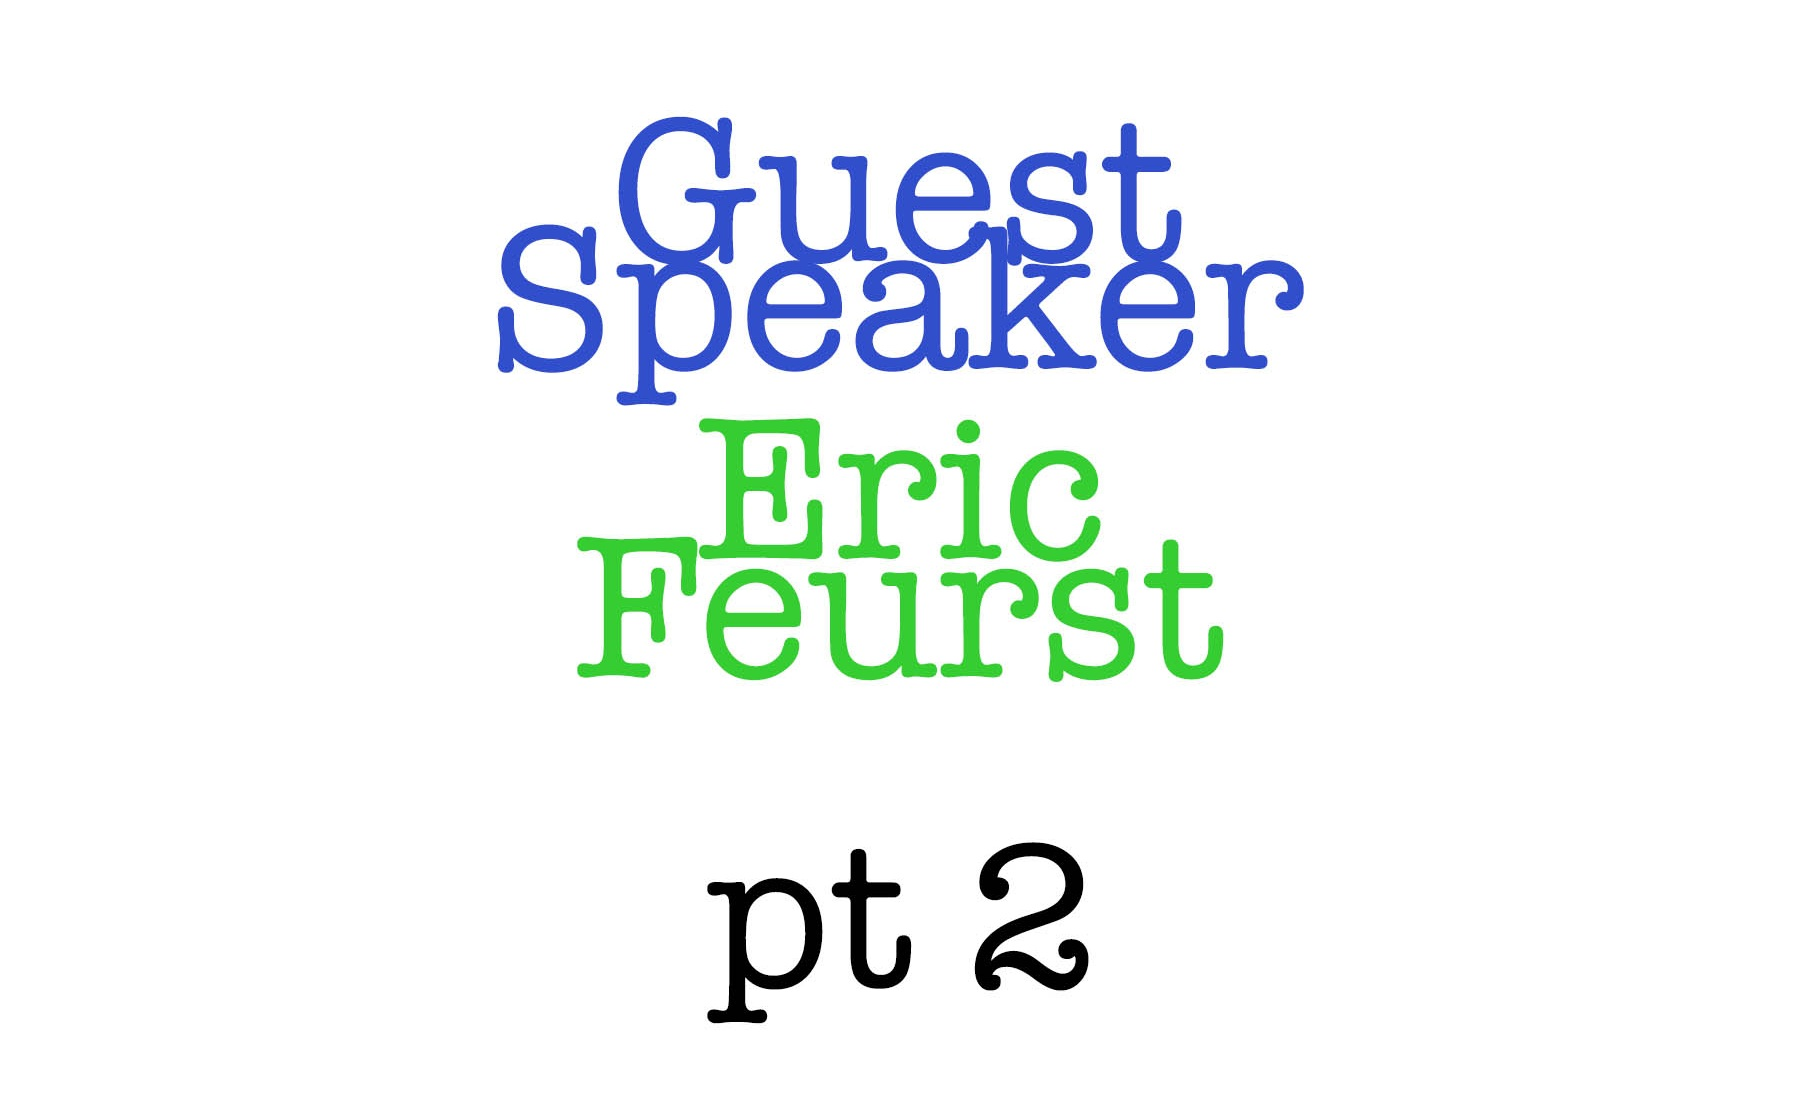 Guest+Speaker+Eric+Feurst+pt+2.jpg